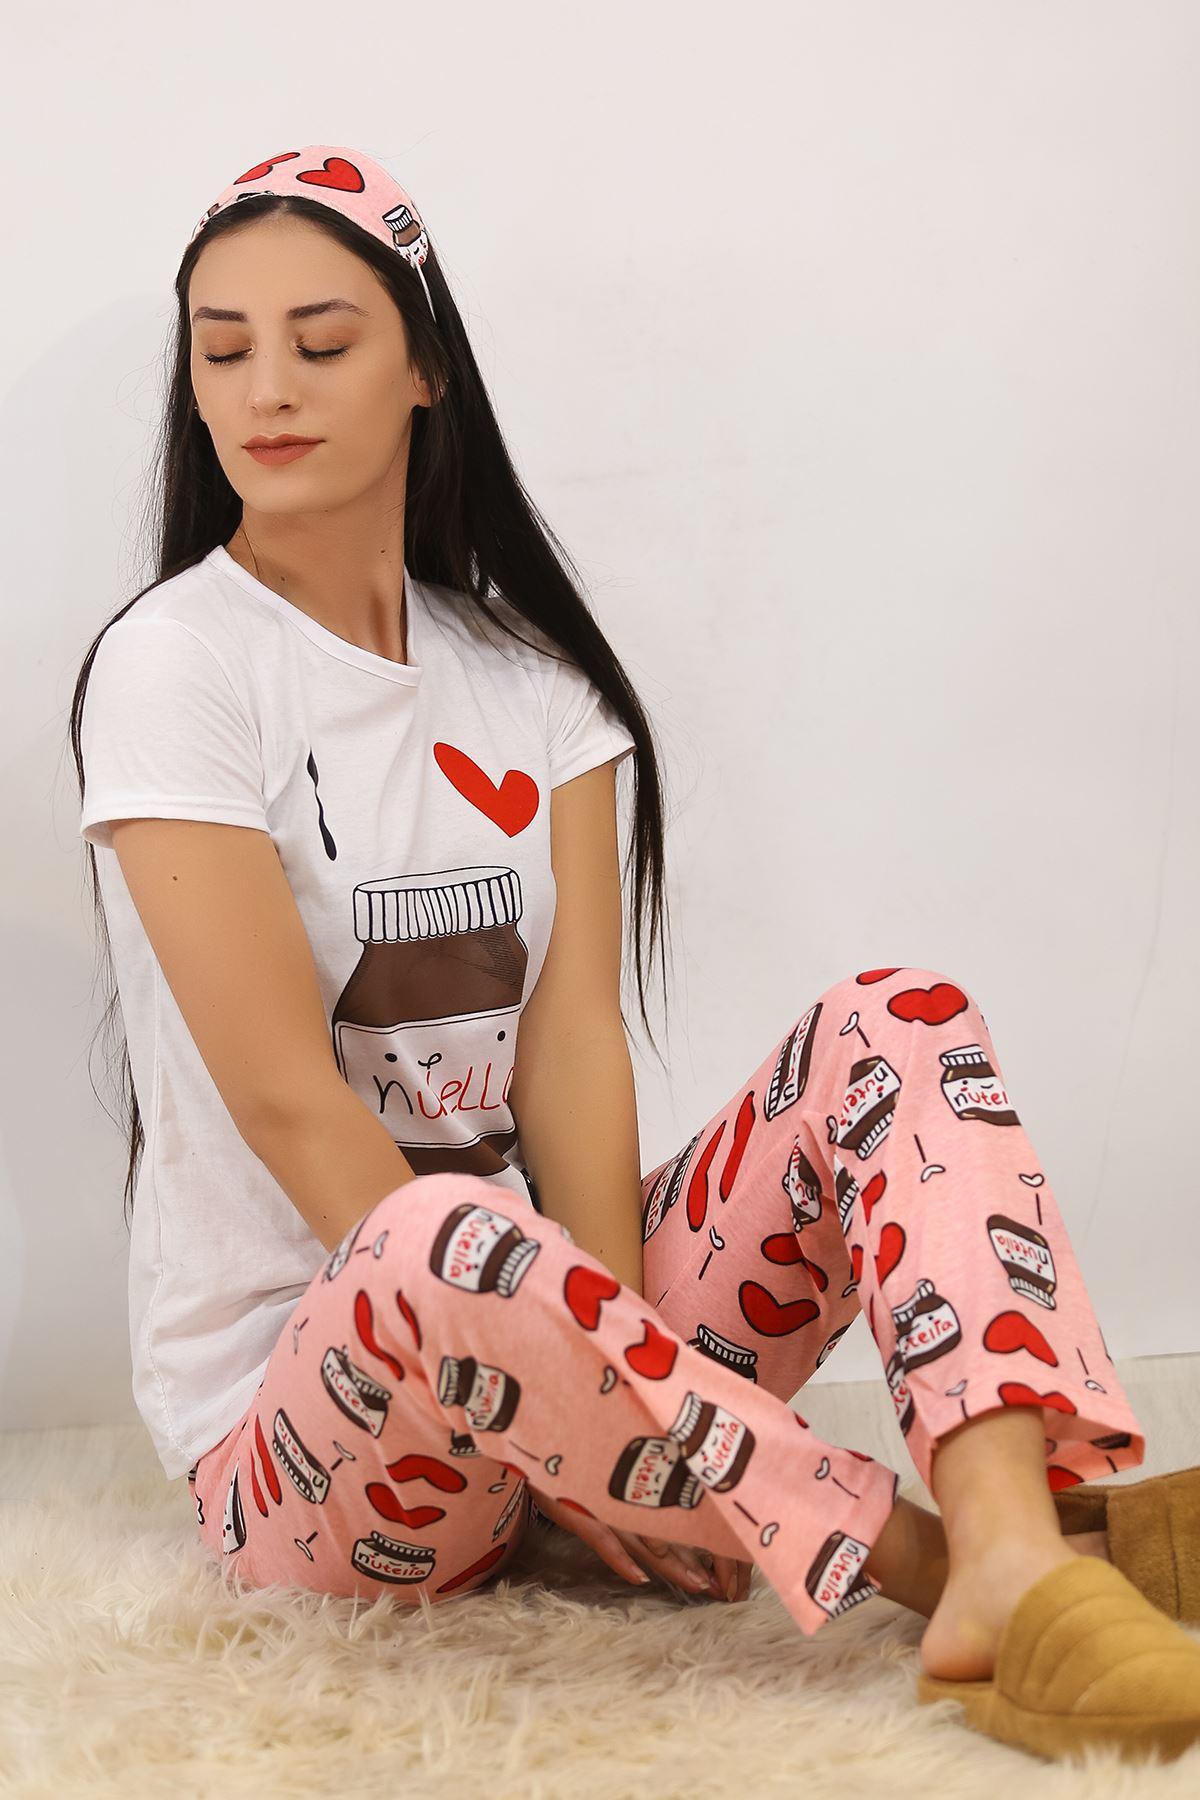 Baskılı Pijama Takımı Beyaz - 4703.102.